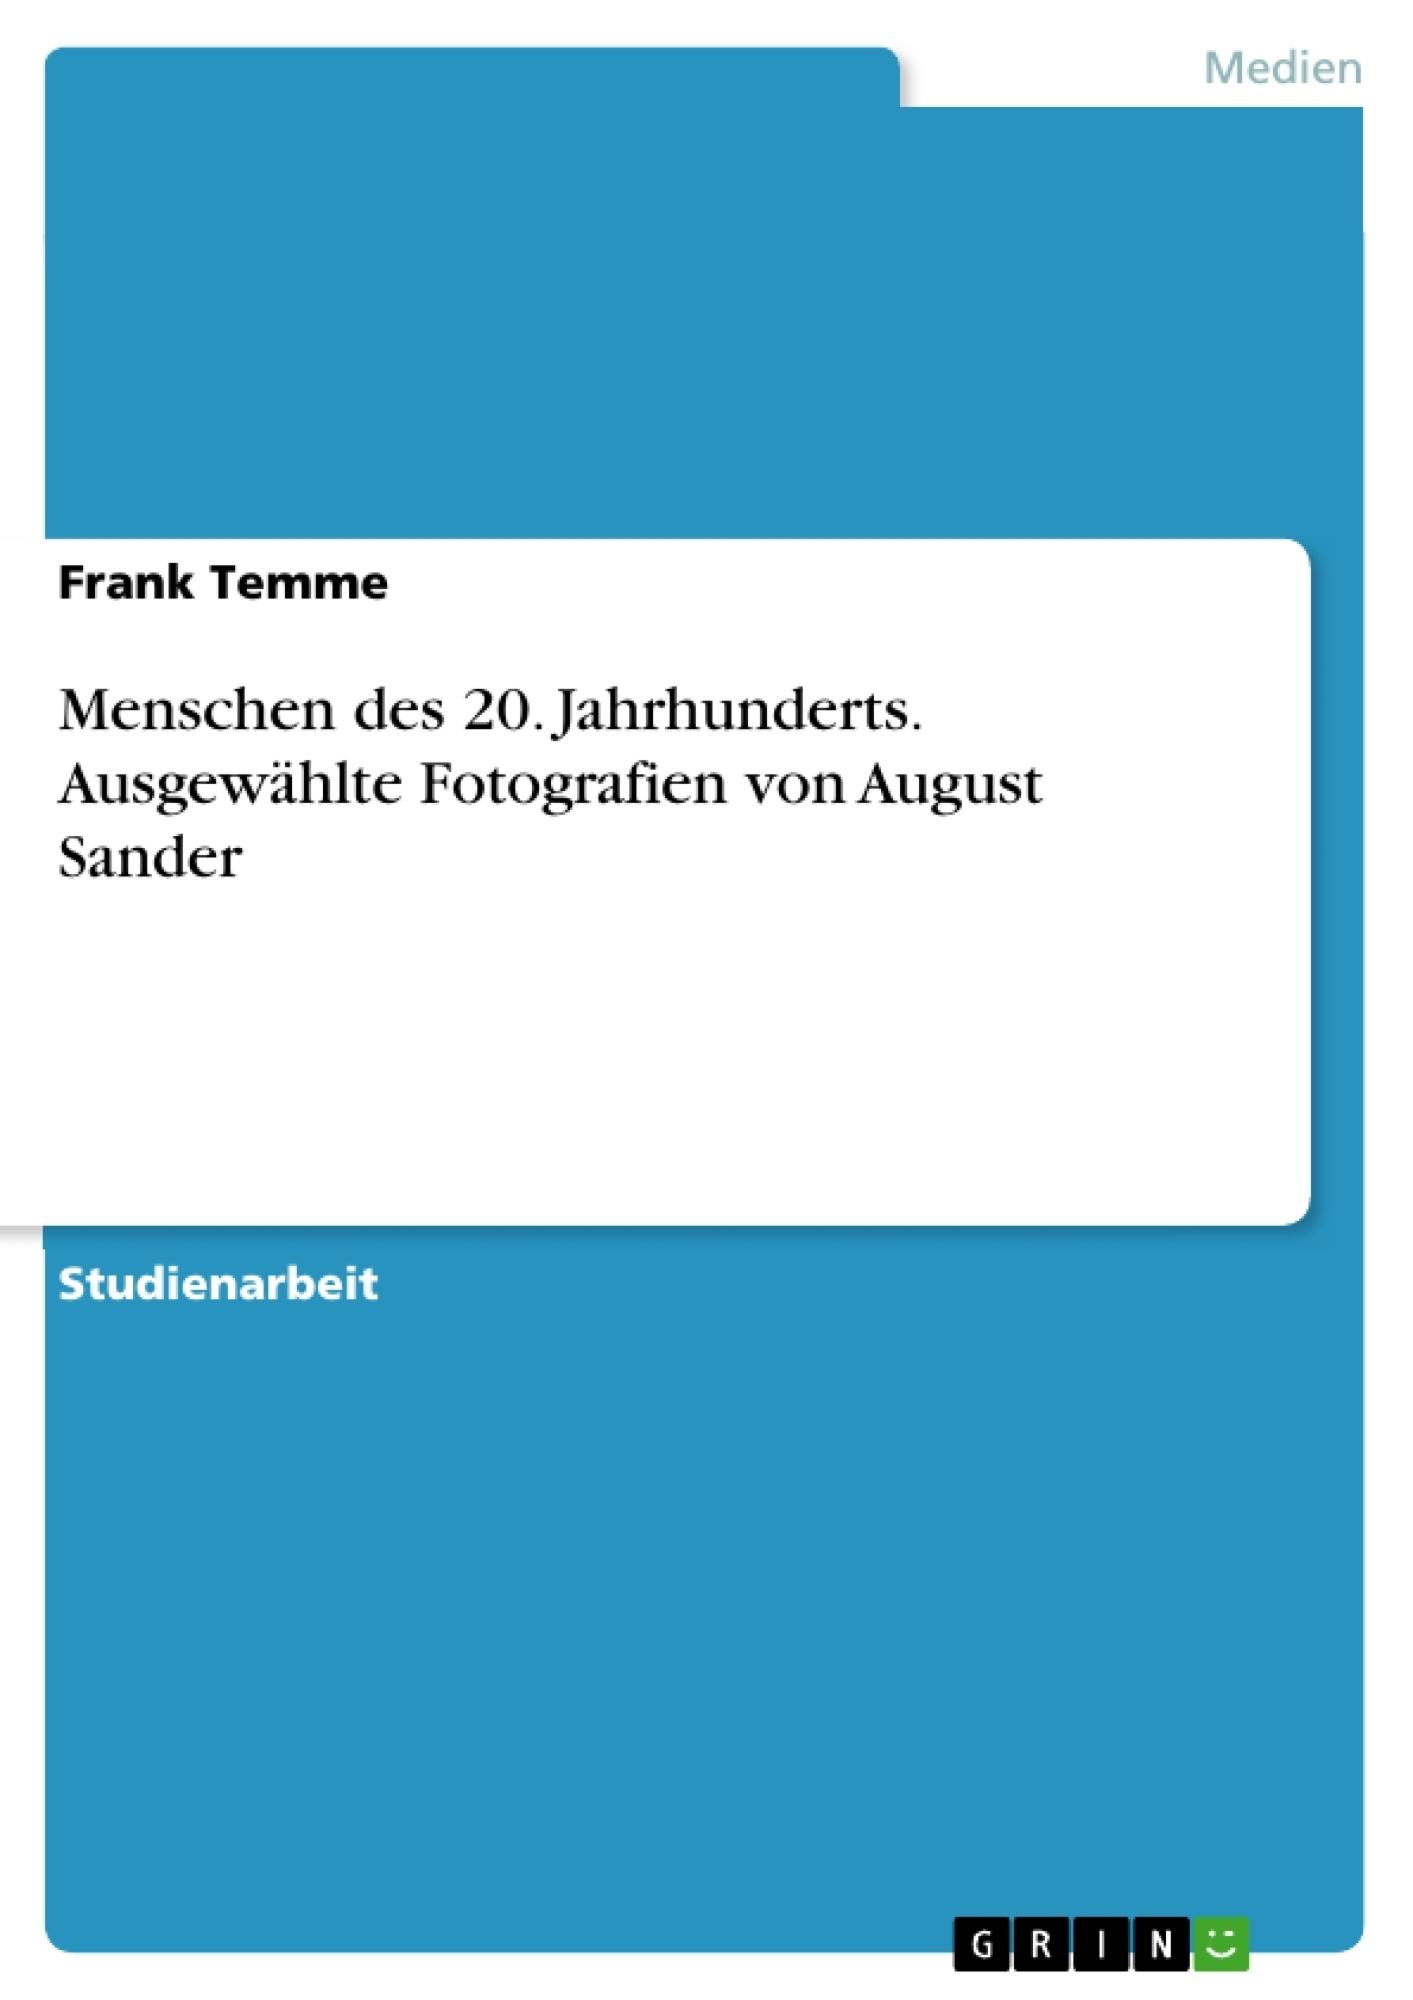 Titel: Menschen des 20. Jahrhunderts. Ausgewählte Fotografien von August Sander